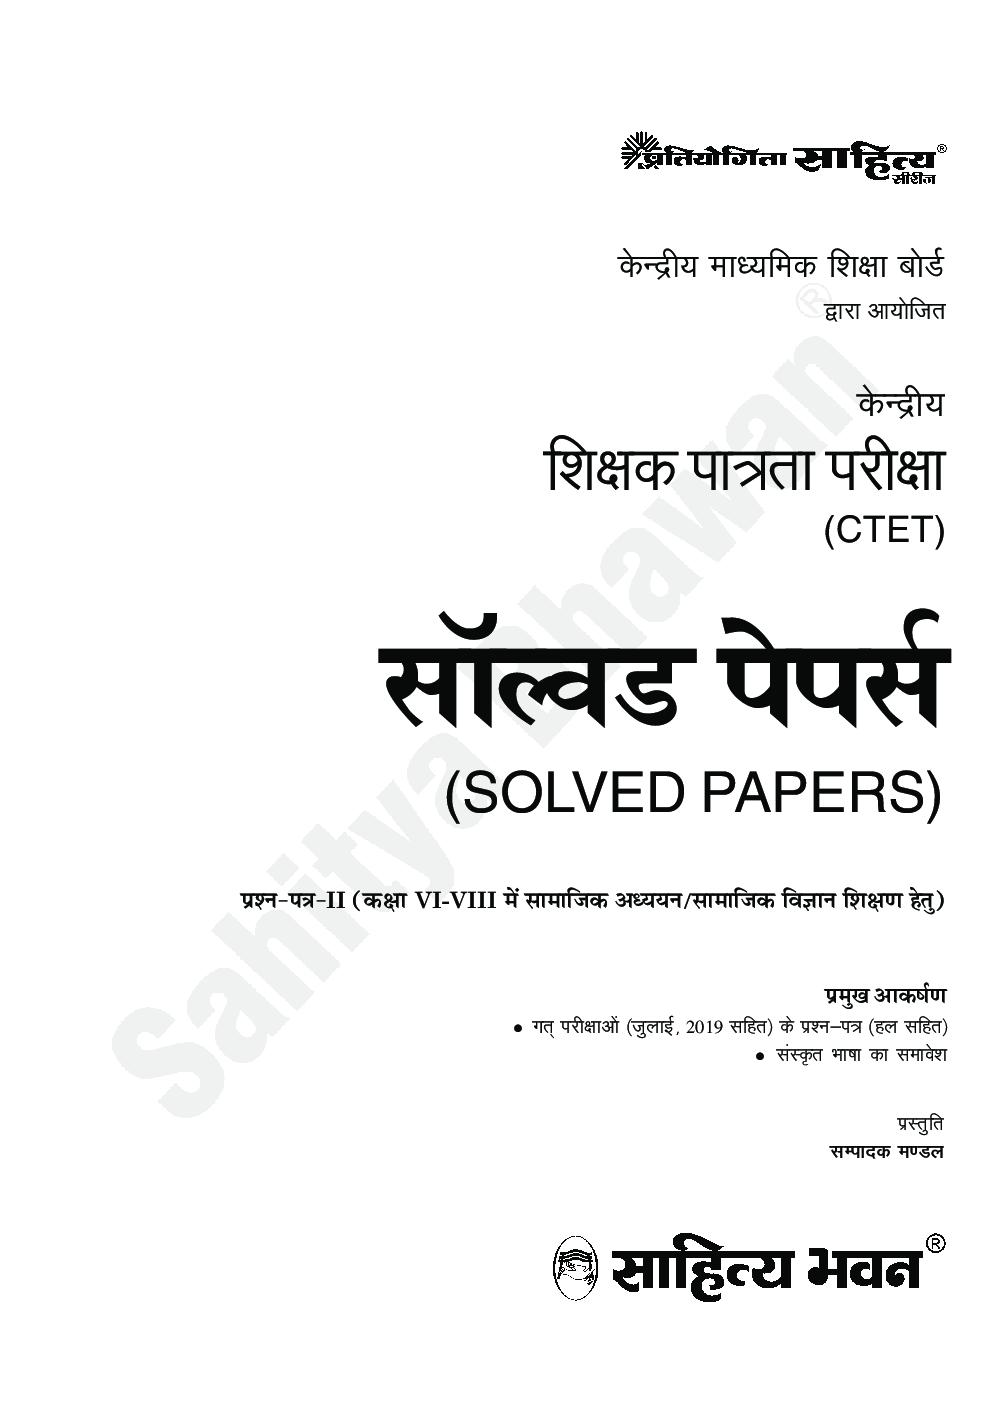 CTET Solved Papers Prashna-II Kaksha VI Se VIII me Samajik Adhyan /Samajik Vigyan Shikshan Hetu Sanskrit Bhasha Sahit - Page 2